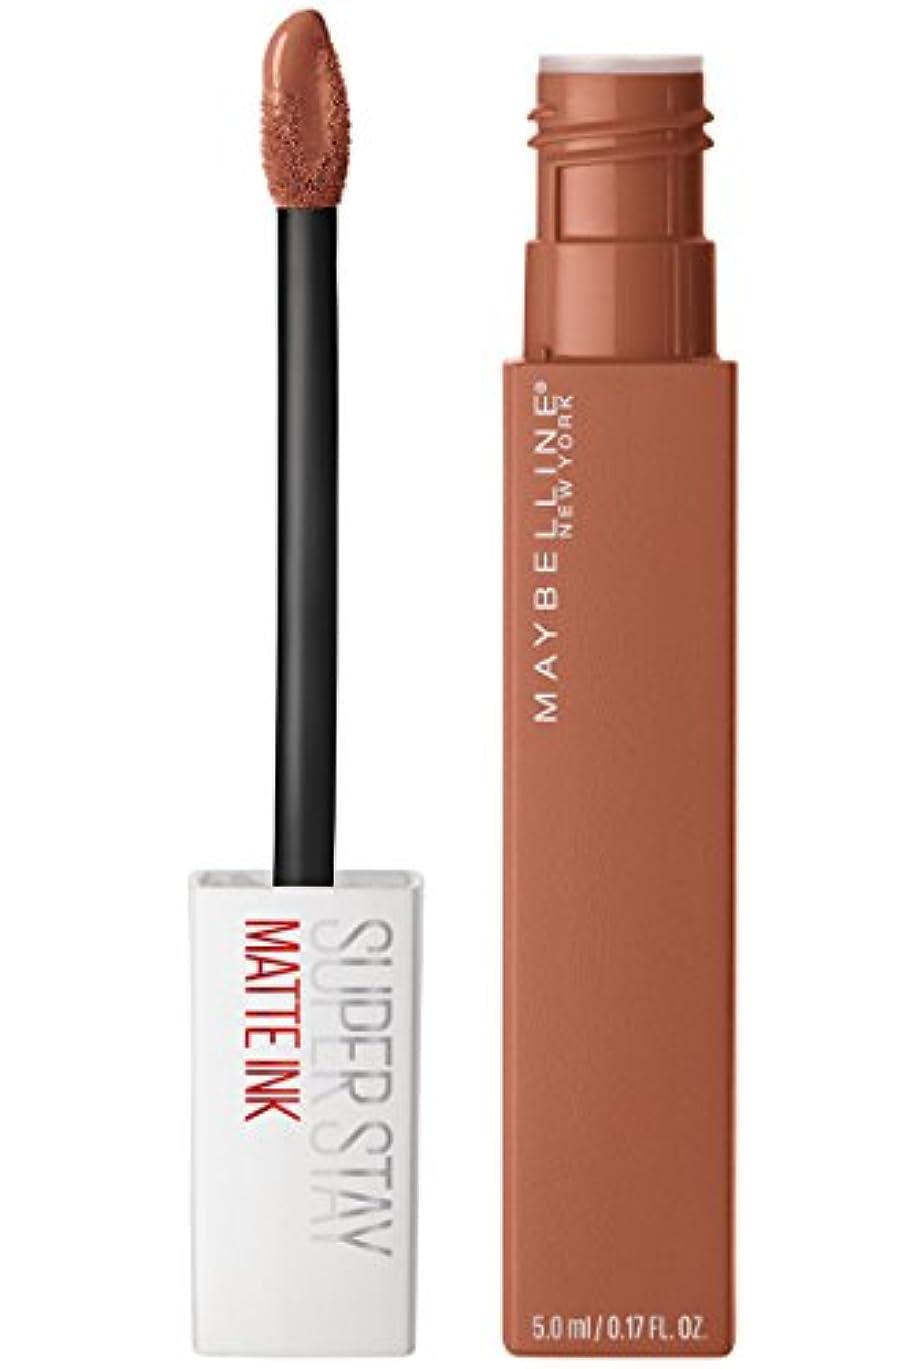 Maybelline New York Super Stay Matte Ink Liquid Lipstick,75 Fighter, 5ml